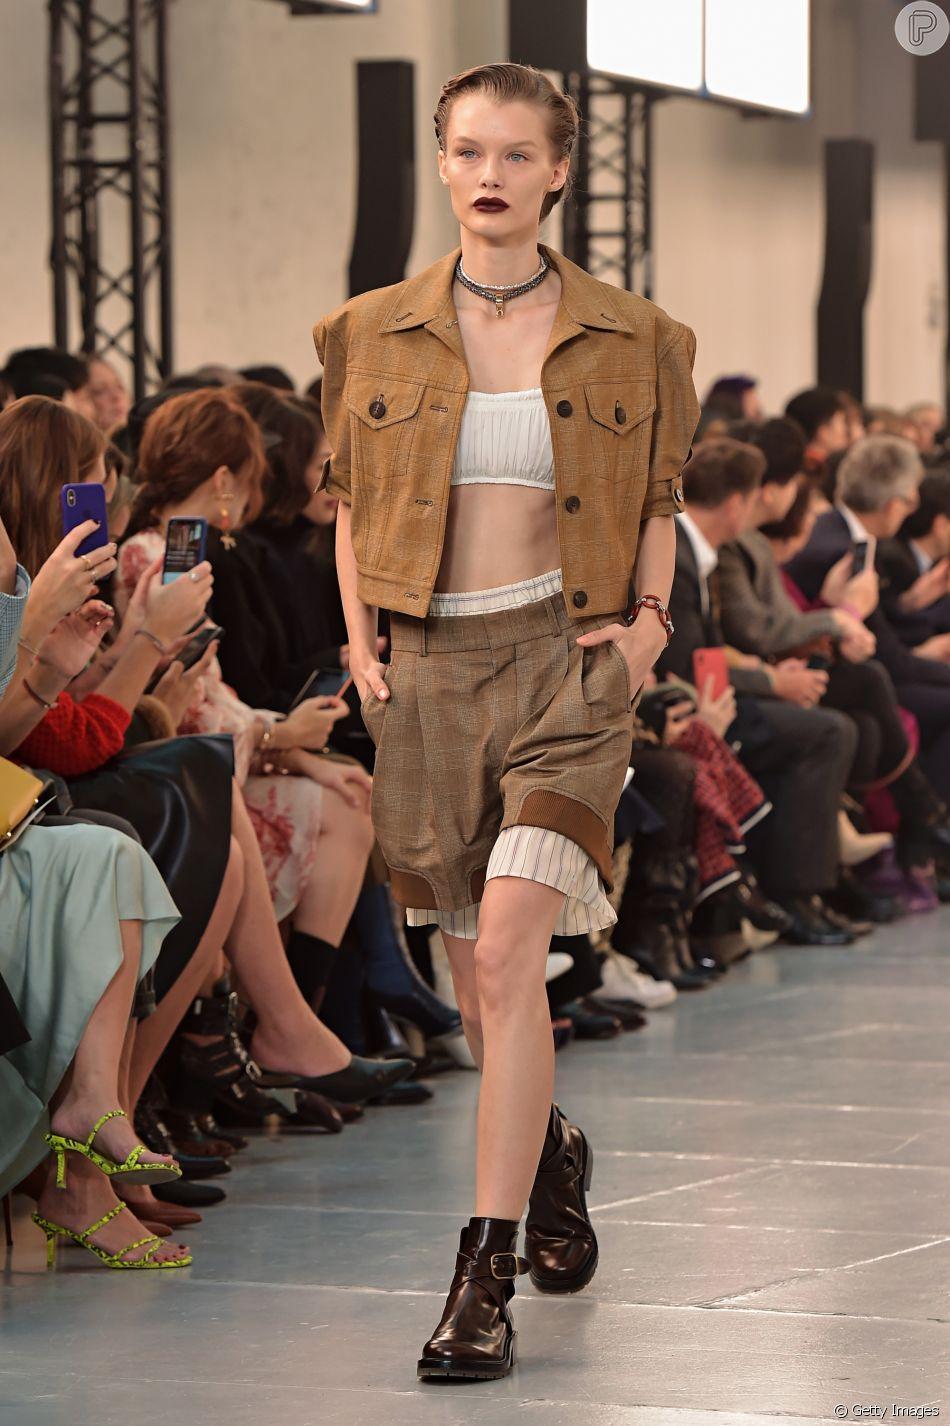 Se você procura um look despojado e moderno para o fim de semana, esse visual militar e estilo safári da Chloe, em Paris, pode te inspirar